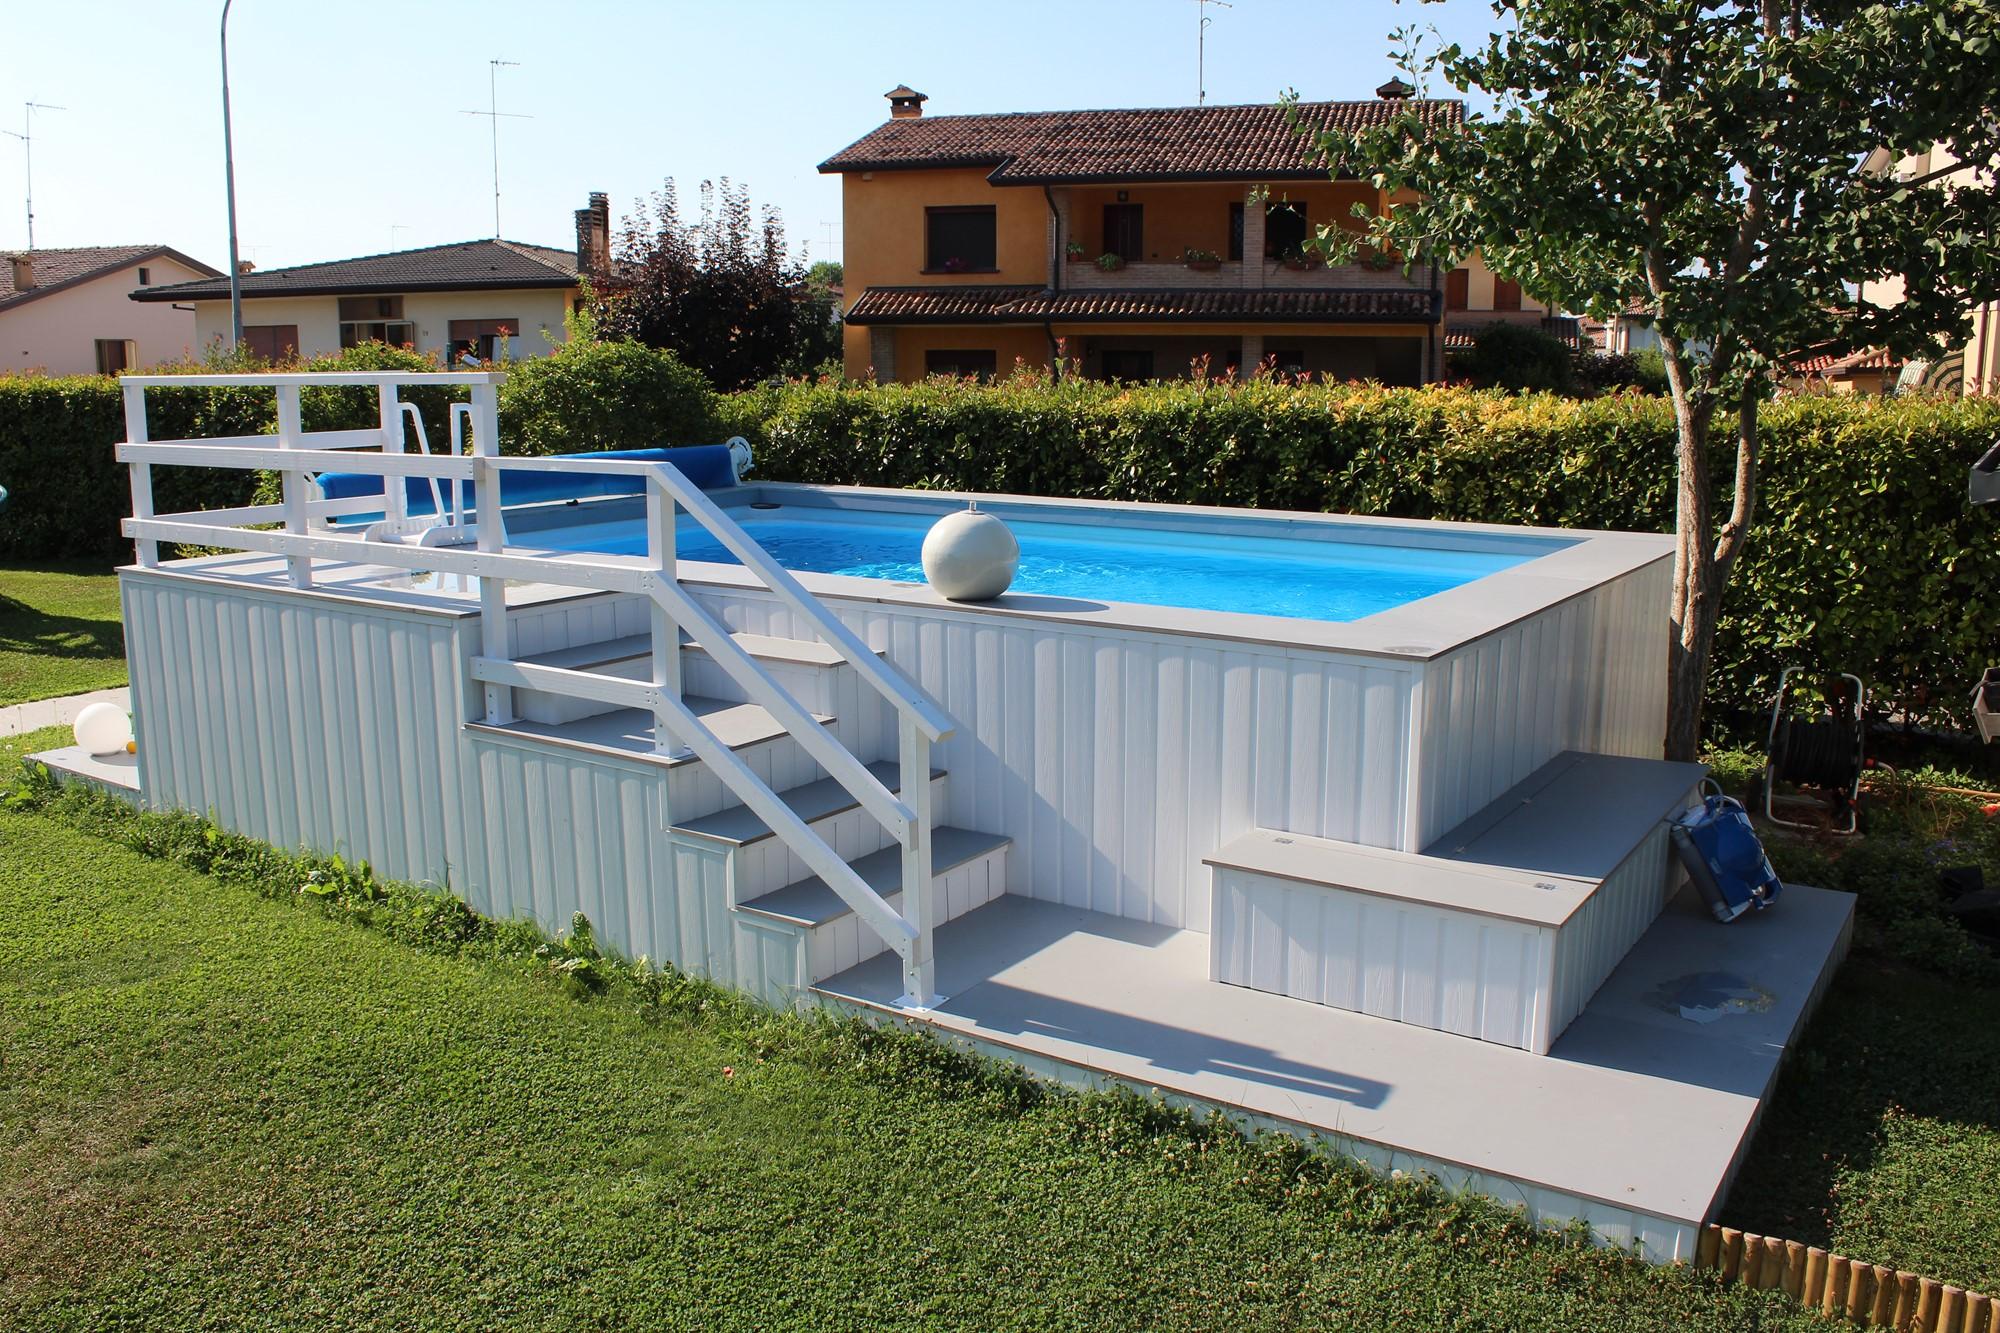 Stunning piscina fuori terra rivestita in wpc vista - Piscine seminterrate economiche ...